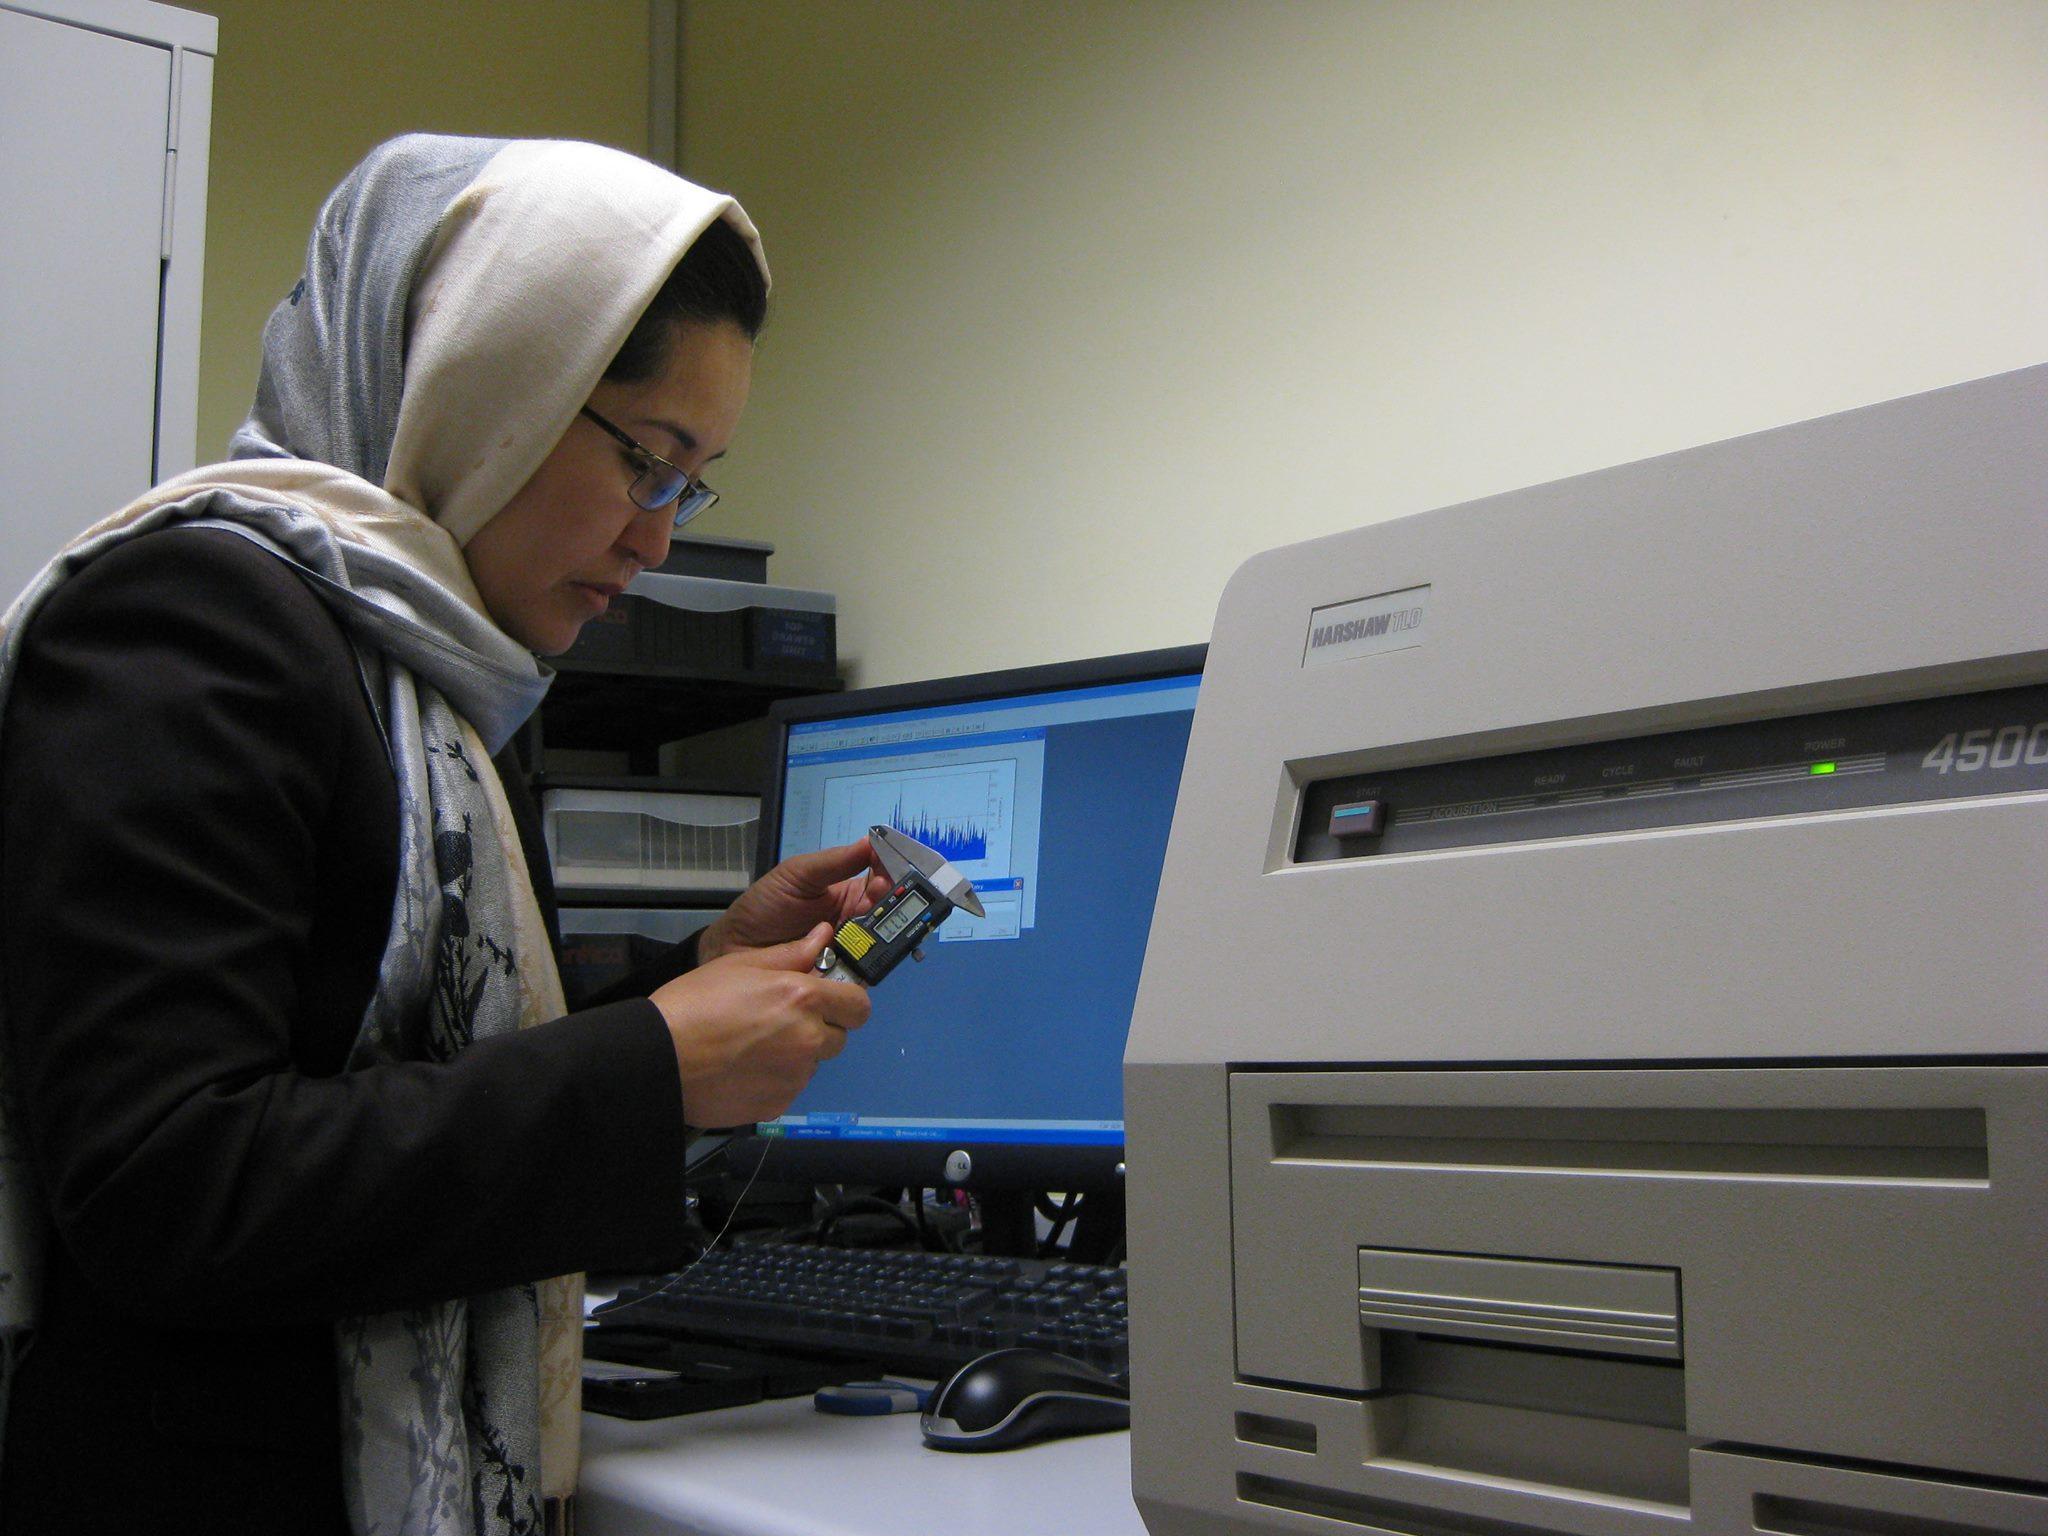 وی مسئوليت پروژهی بازسازی بخش راديوتراپي شفاخانهی علیآباد دانشگاه طبی کابل را از سال 2008 تا 2012  برعهده داشته است